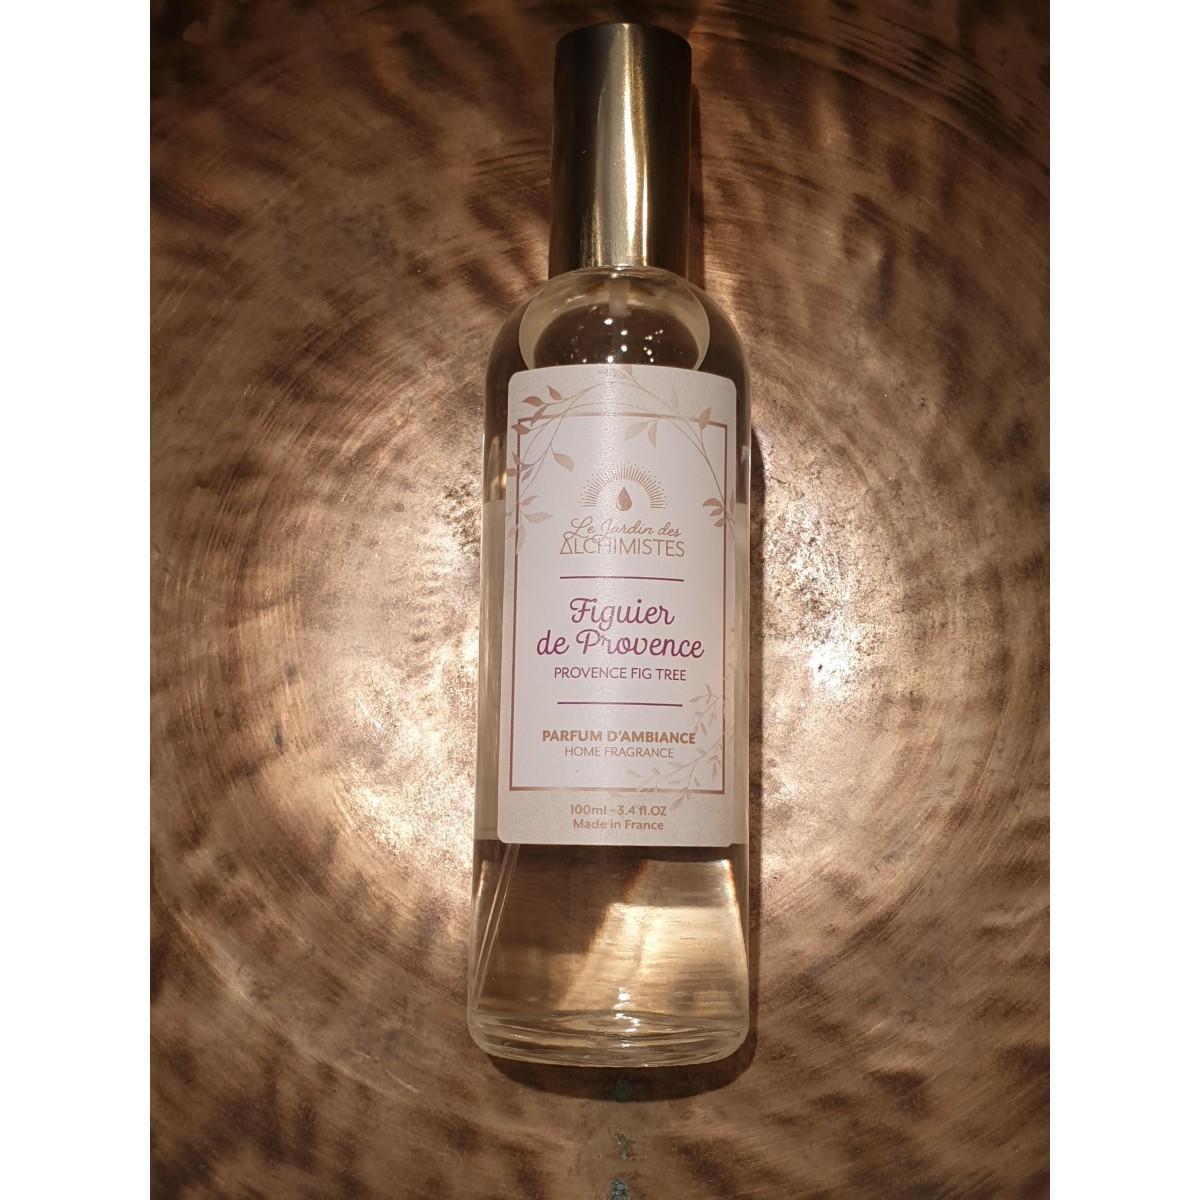 FIGUIER DE PROVENCE - Parfum d'ambiance